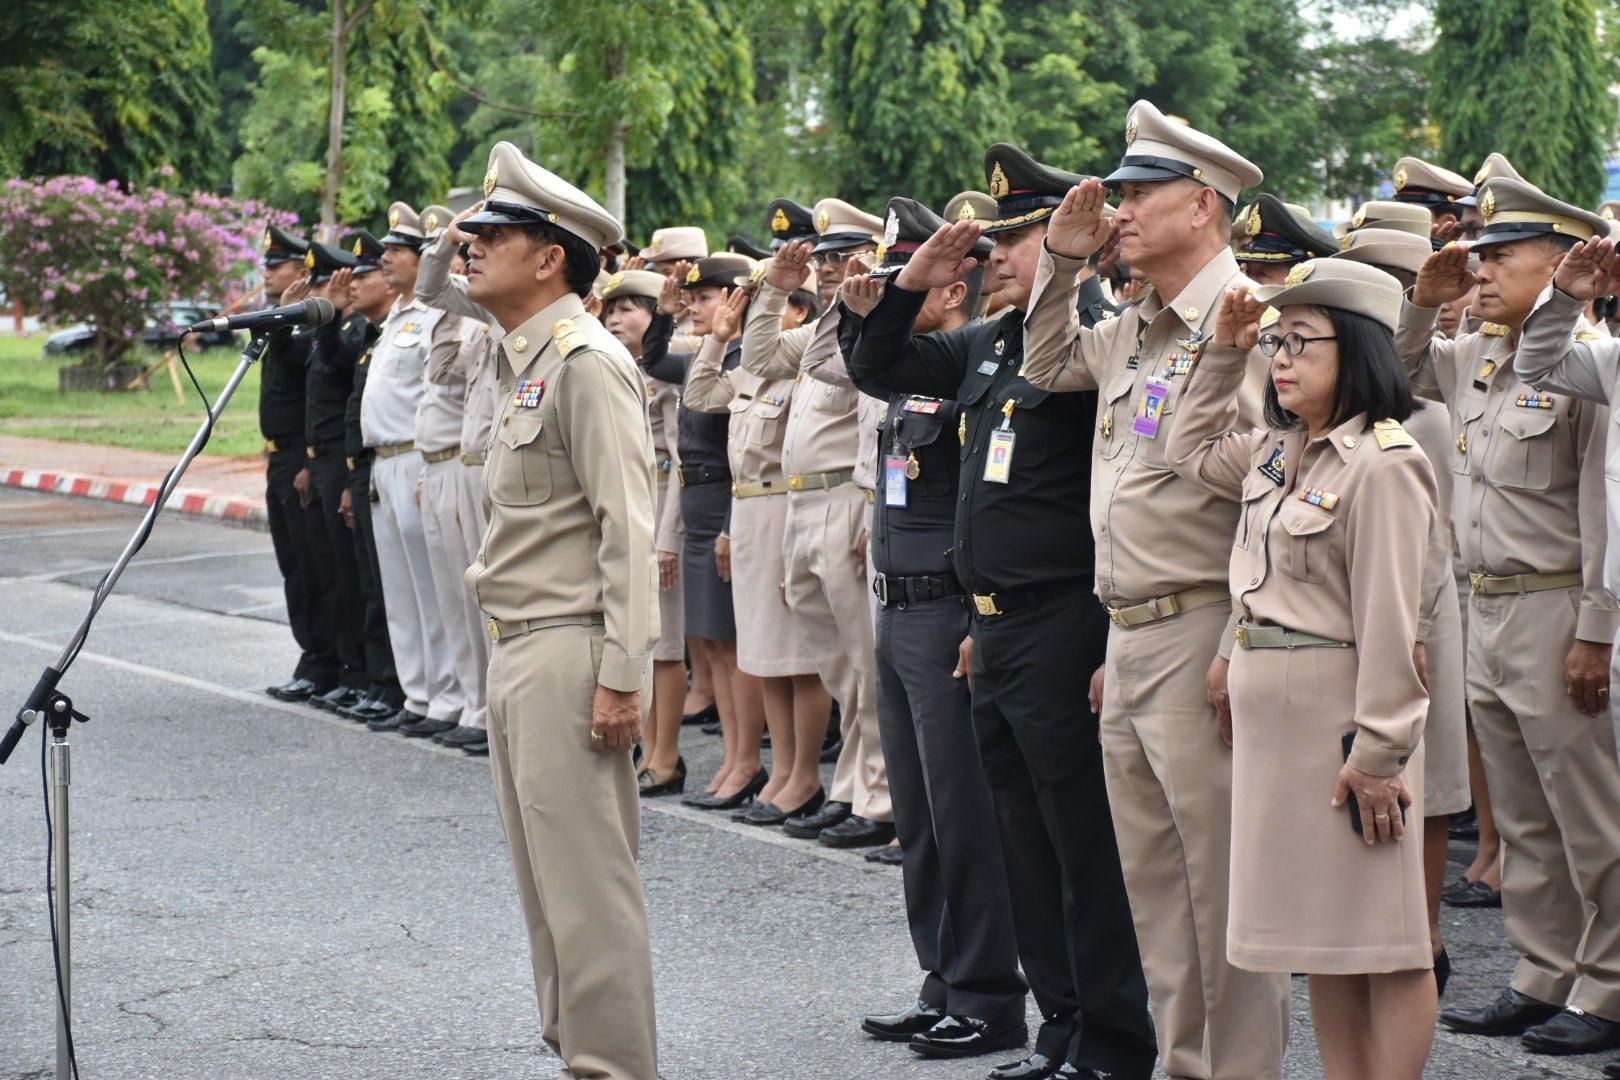 ร่วมพิธีวันพระราชทานธงชาติไทย (Thai National Flag Day)